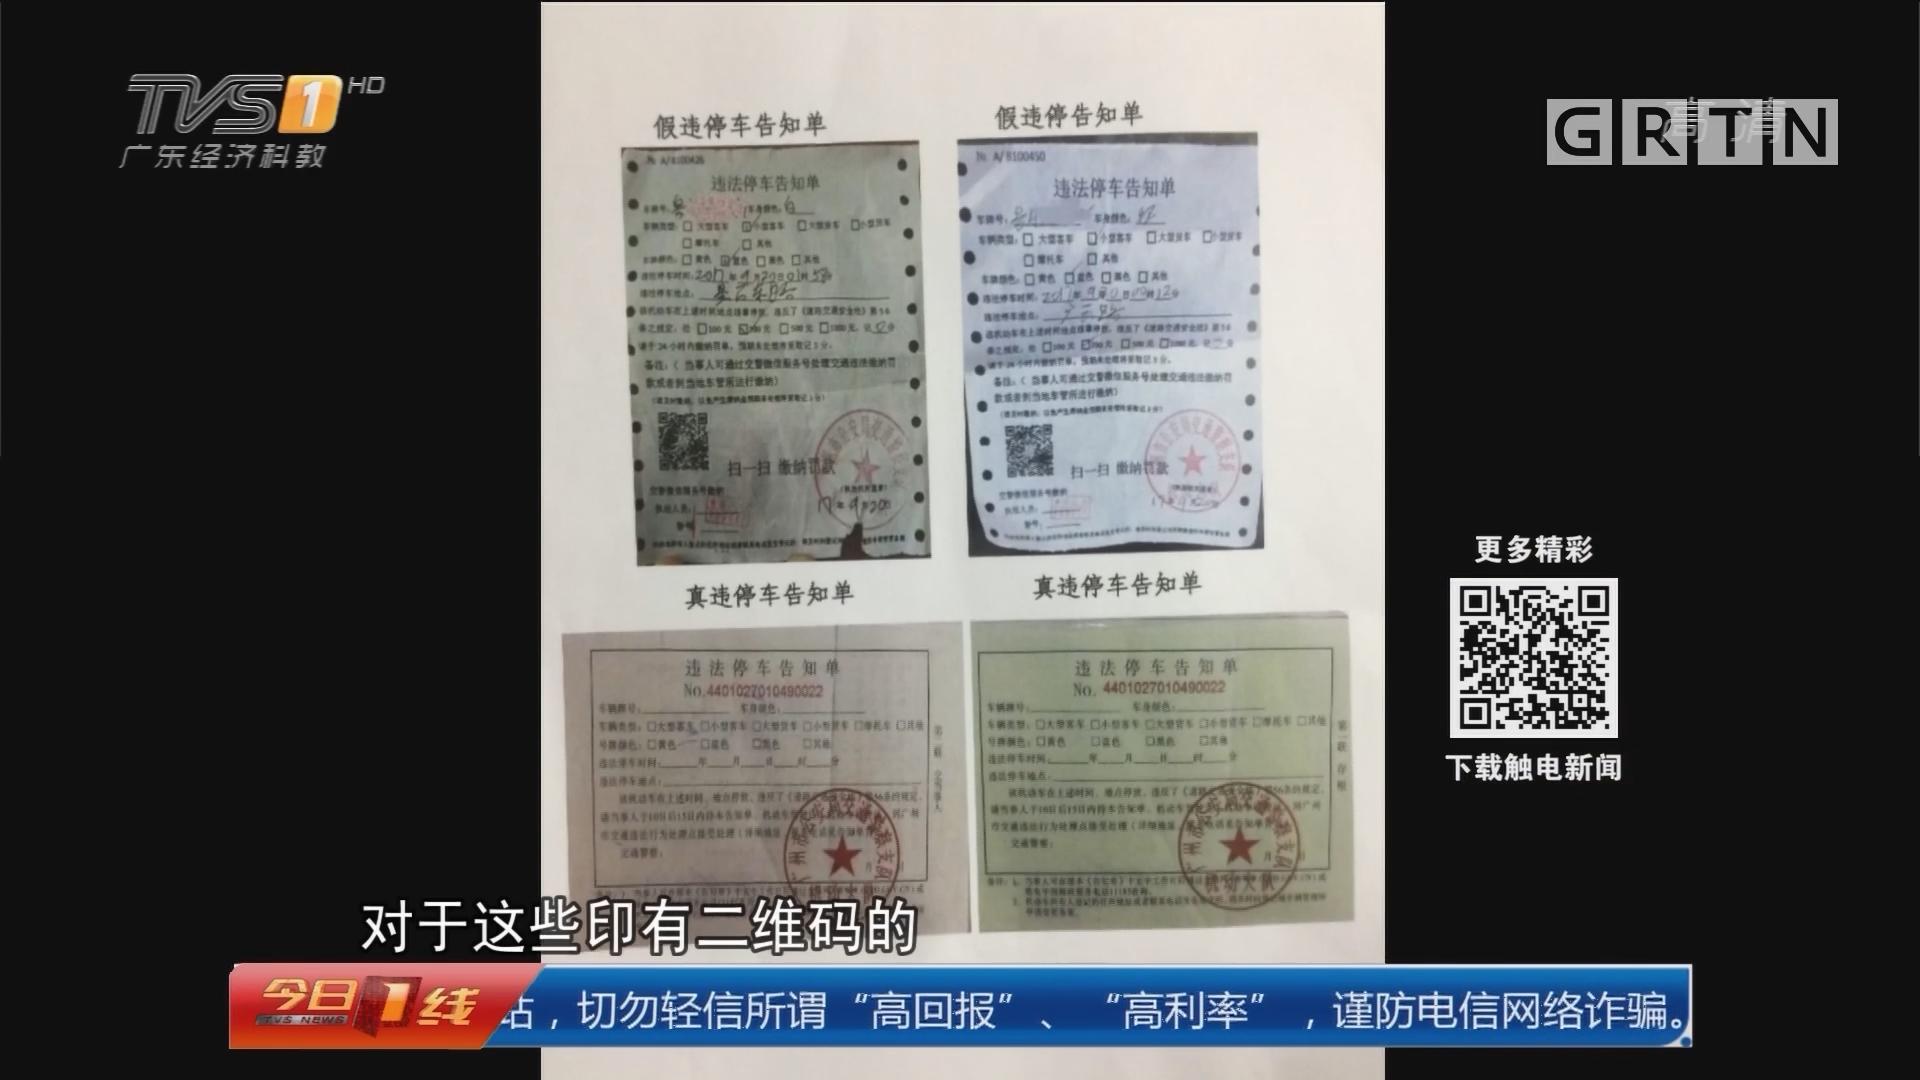 广州白云:扫码交罚单? 假的!警方抓捕嫌疑人